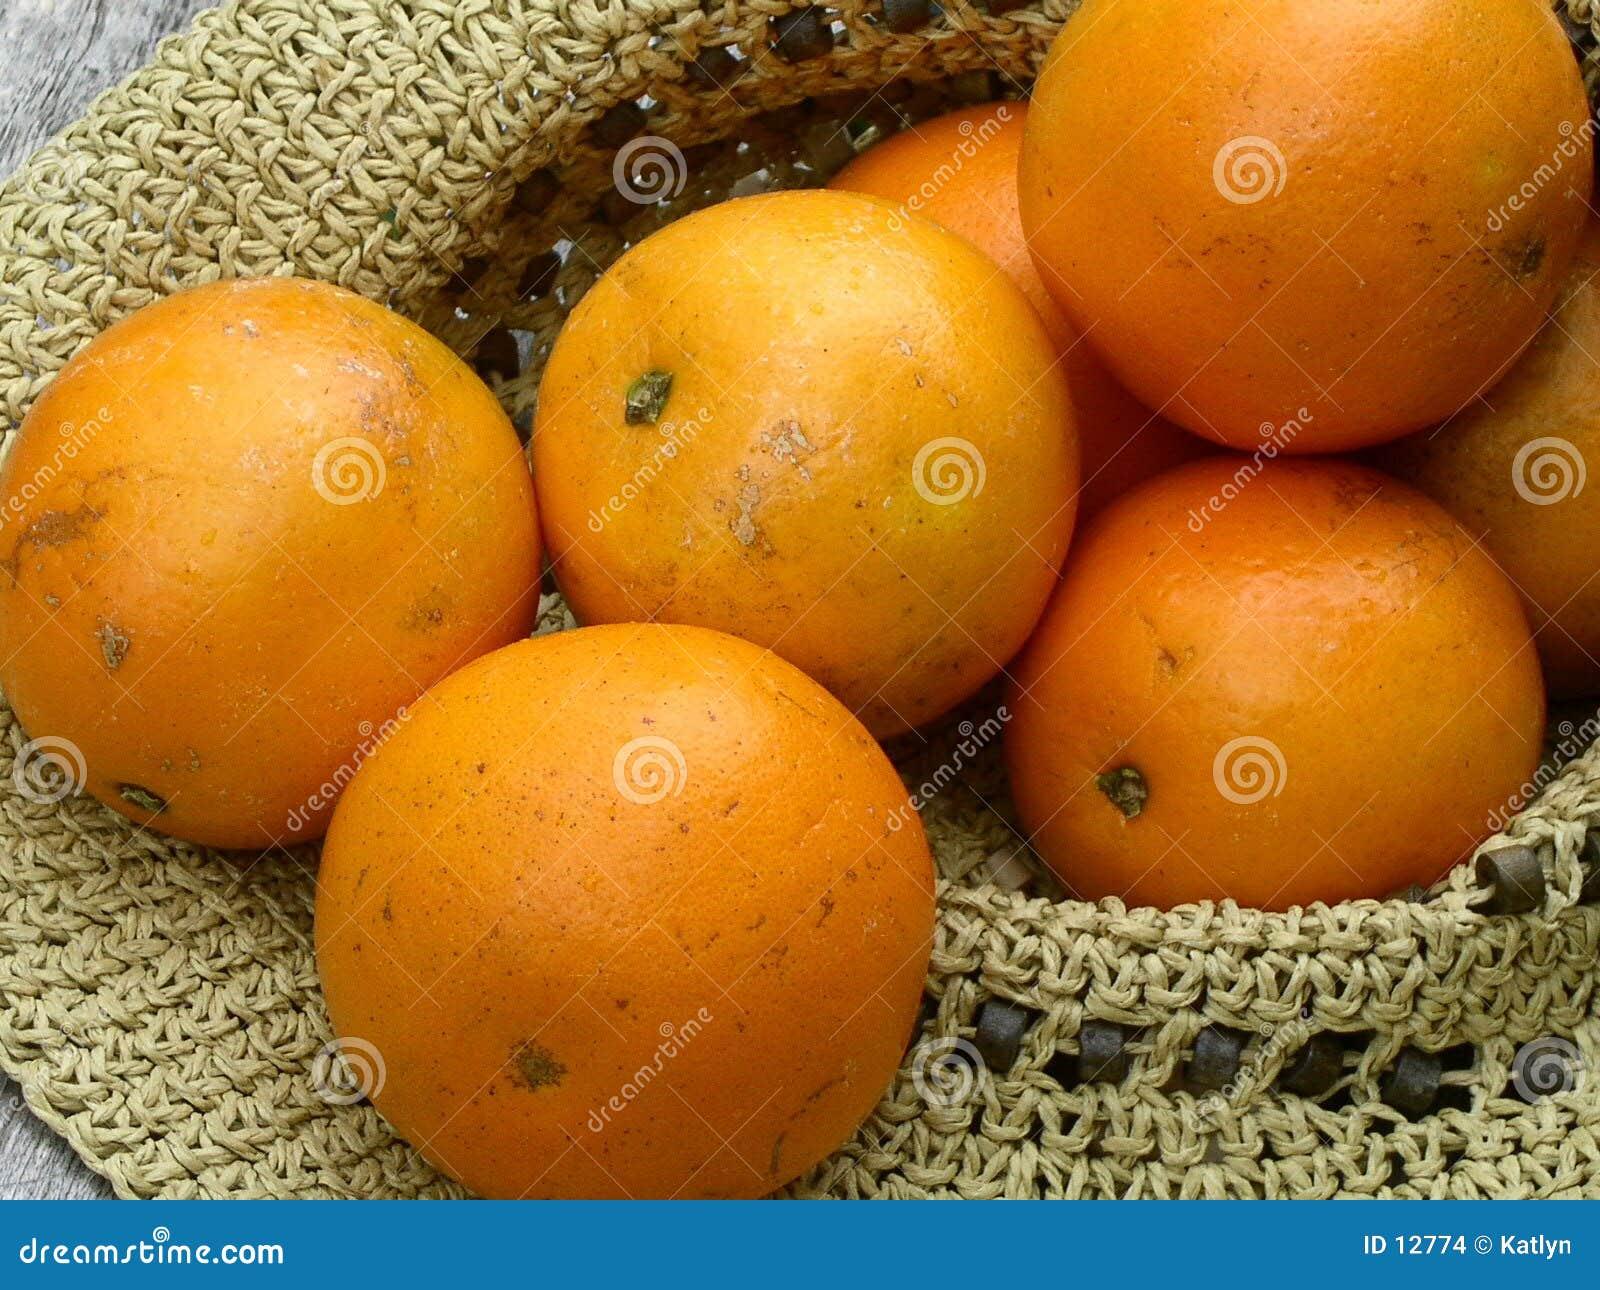 Hat full of oranges